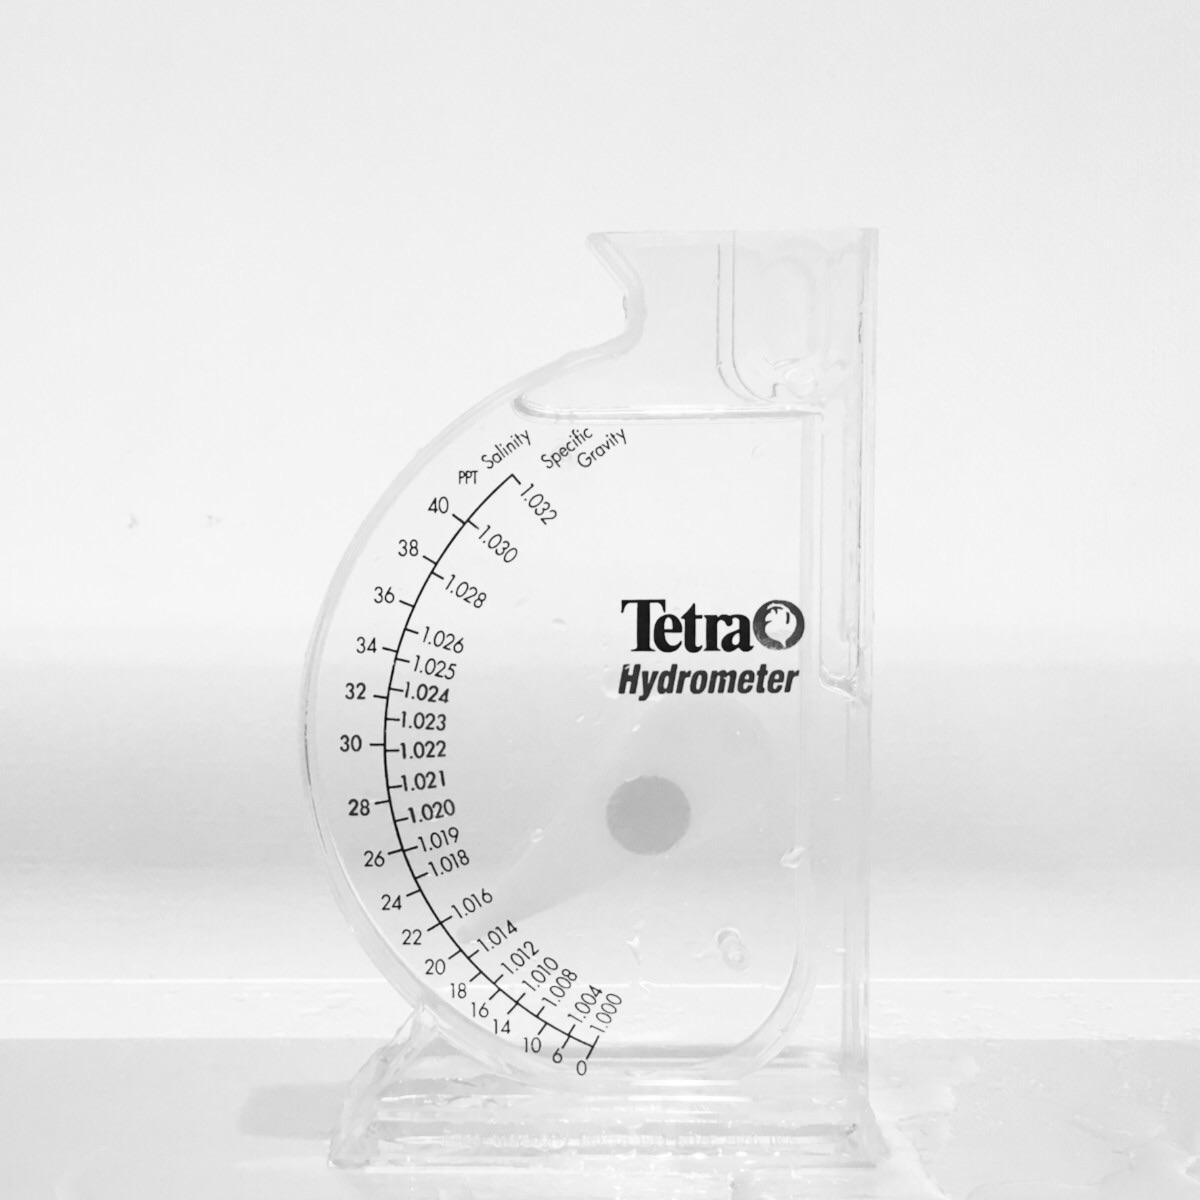 飼育水を満たすだけで直感的に塩分濃度がわかるスケール